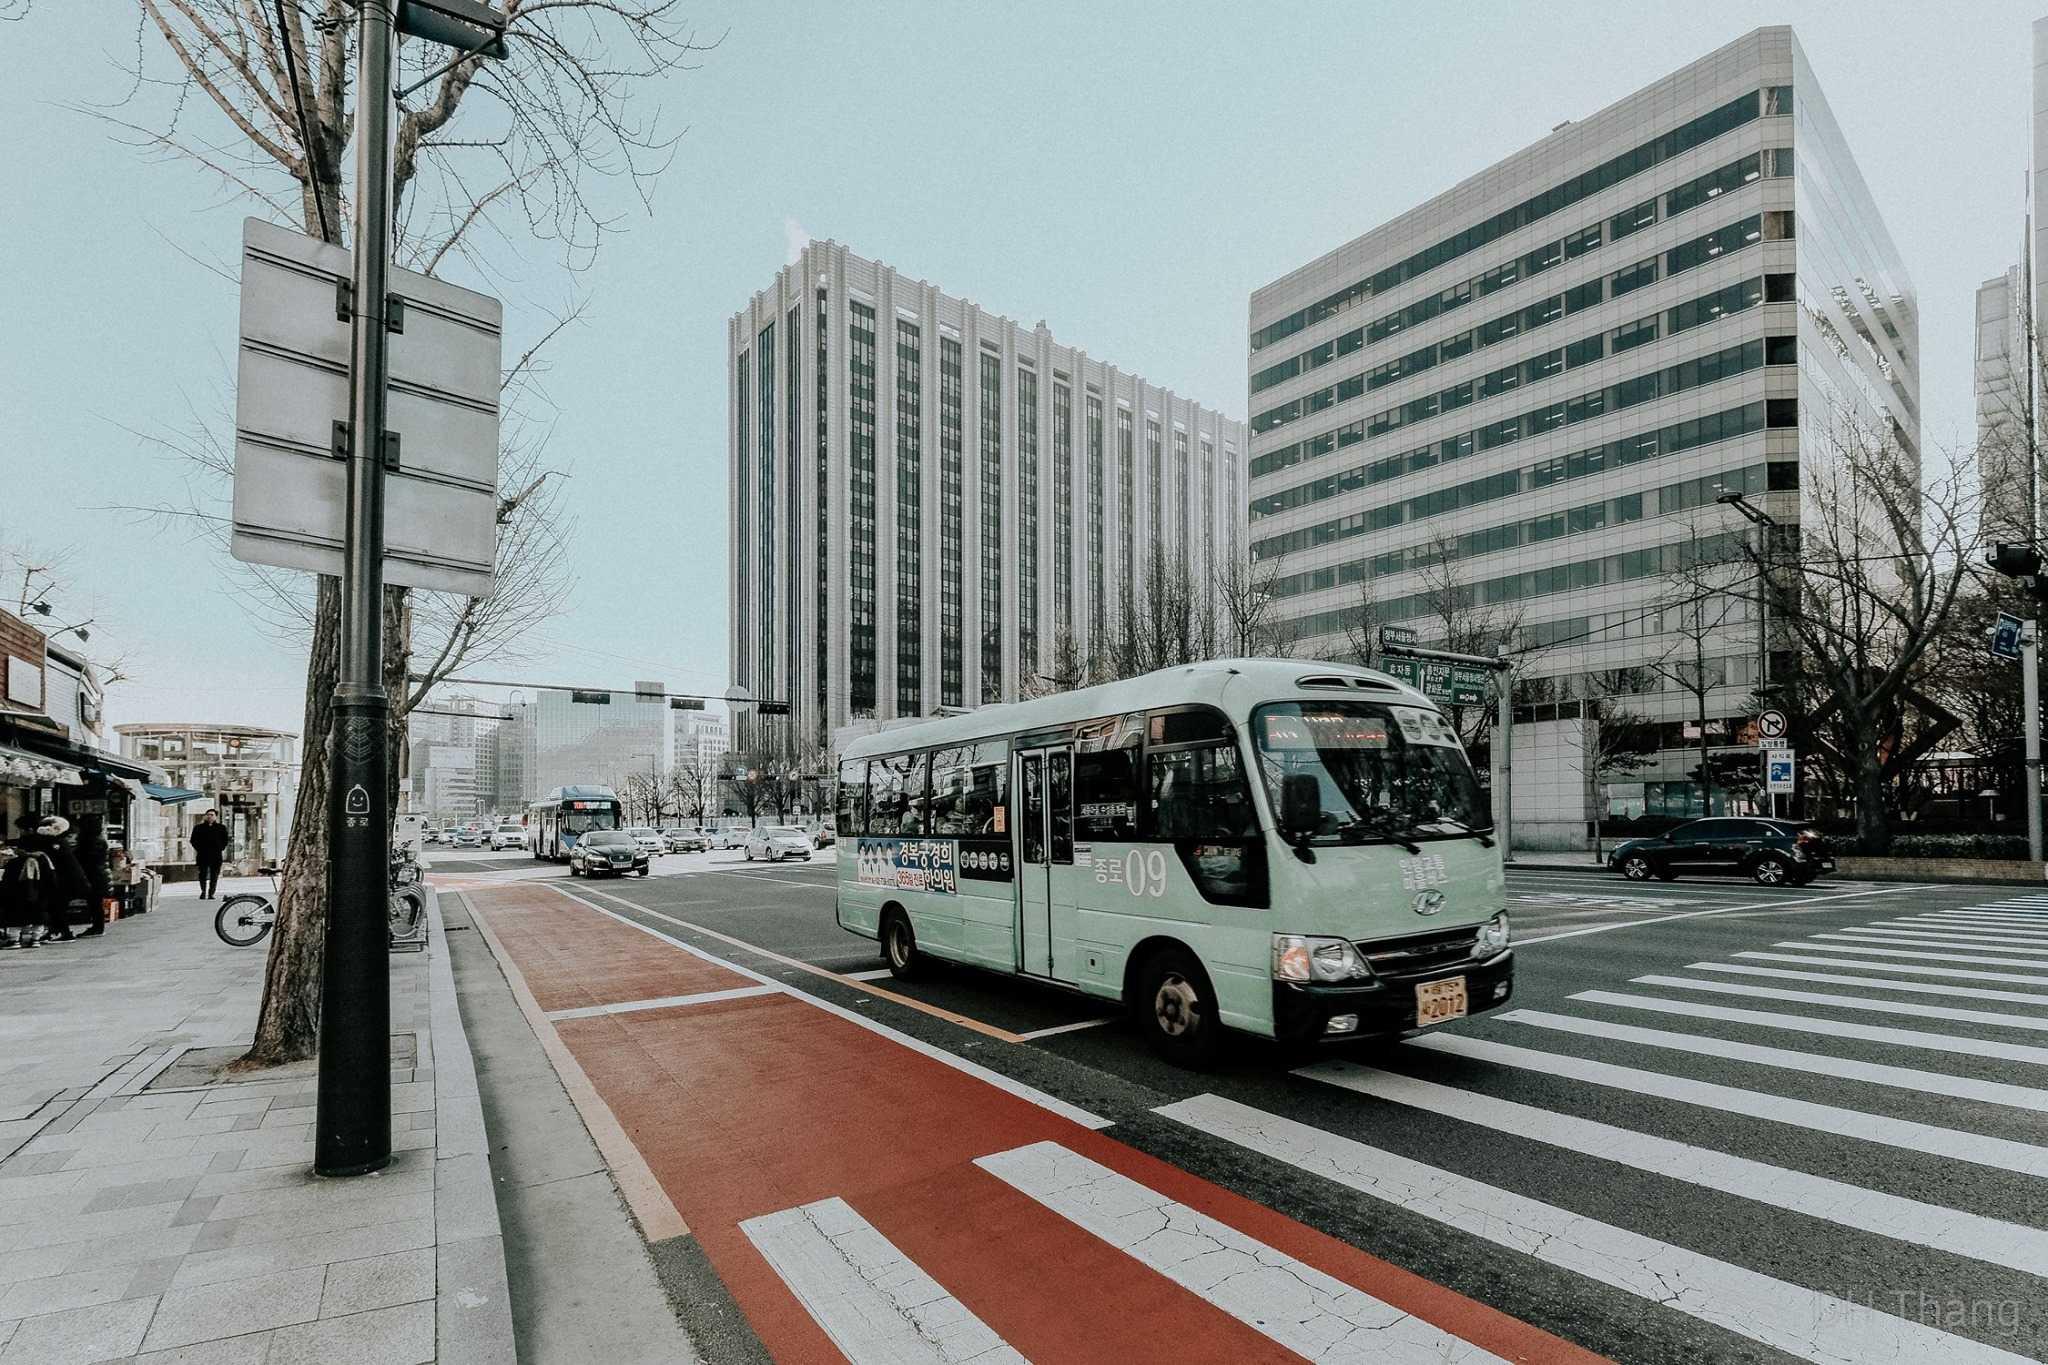 Một con đường ở nước Hàn đơn giản thôi cũng mộng mơ đến vậy review du lịch Hàn Quốc